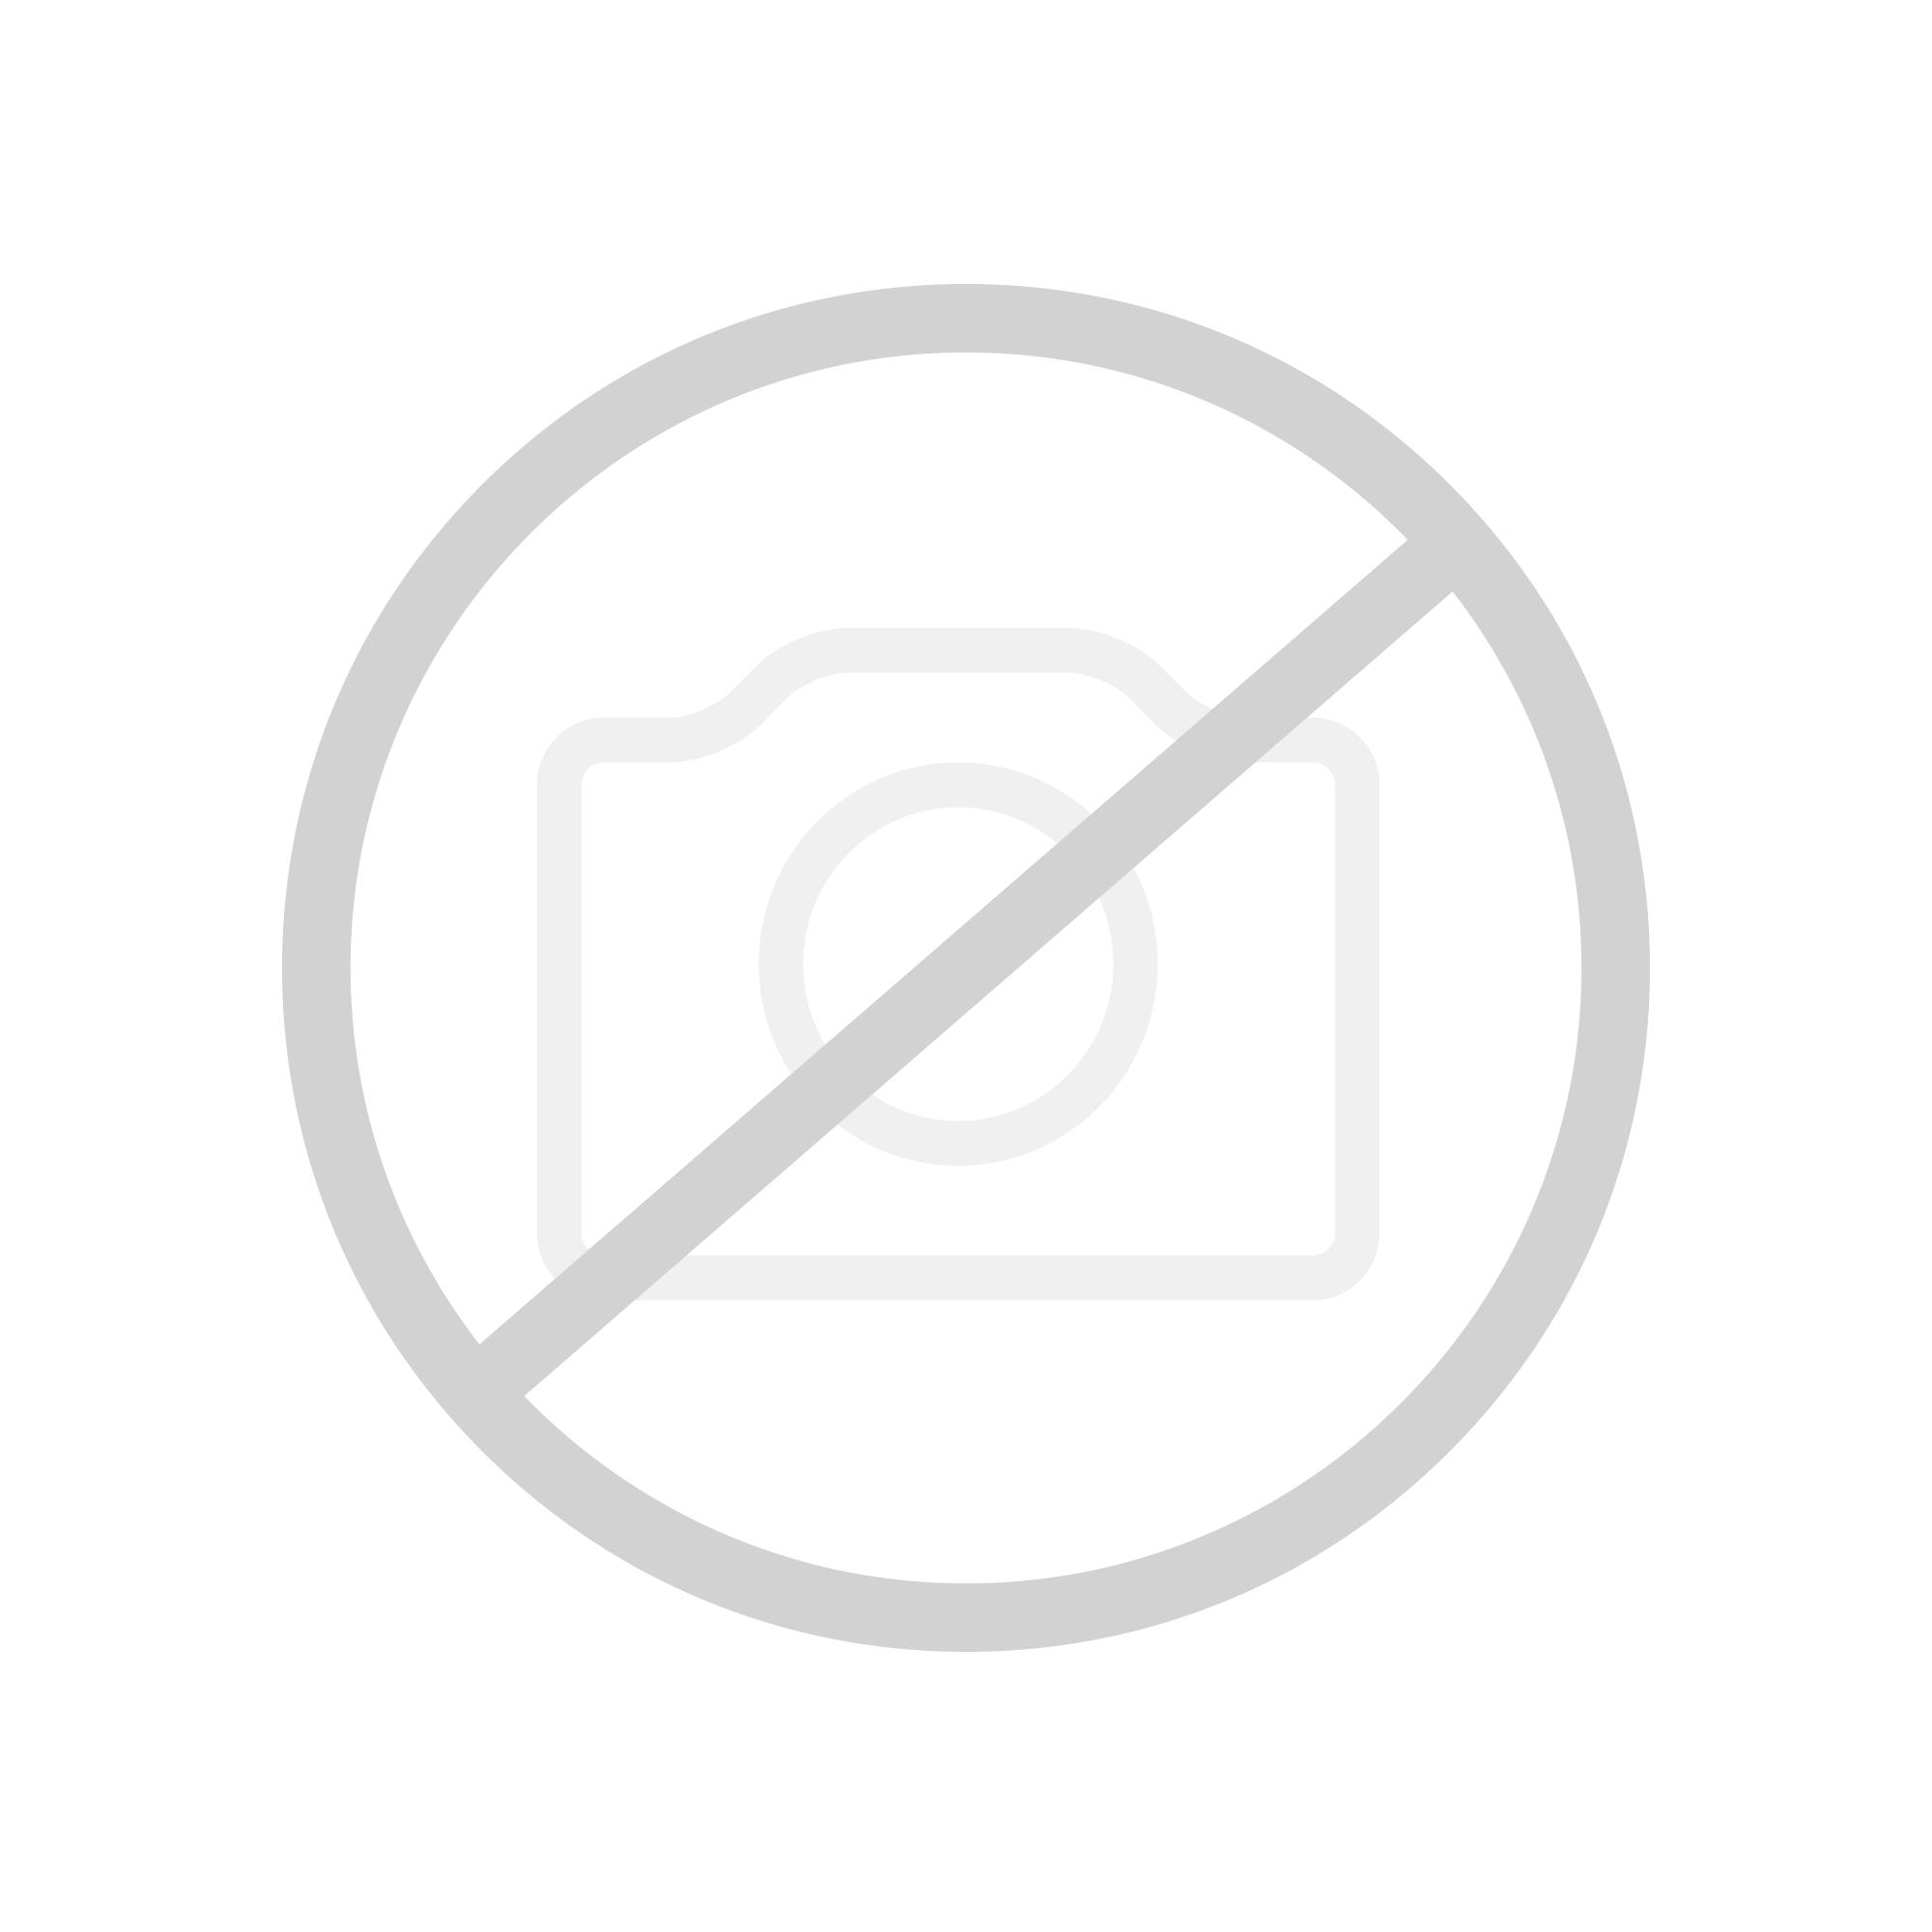 Schneider GRACELINE Spiegelschrank mit 3 Türen und LED-Waschtischbeleuchtung